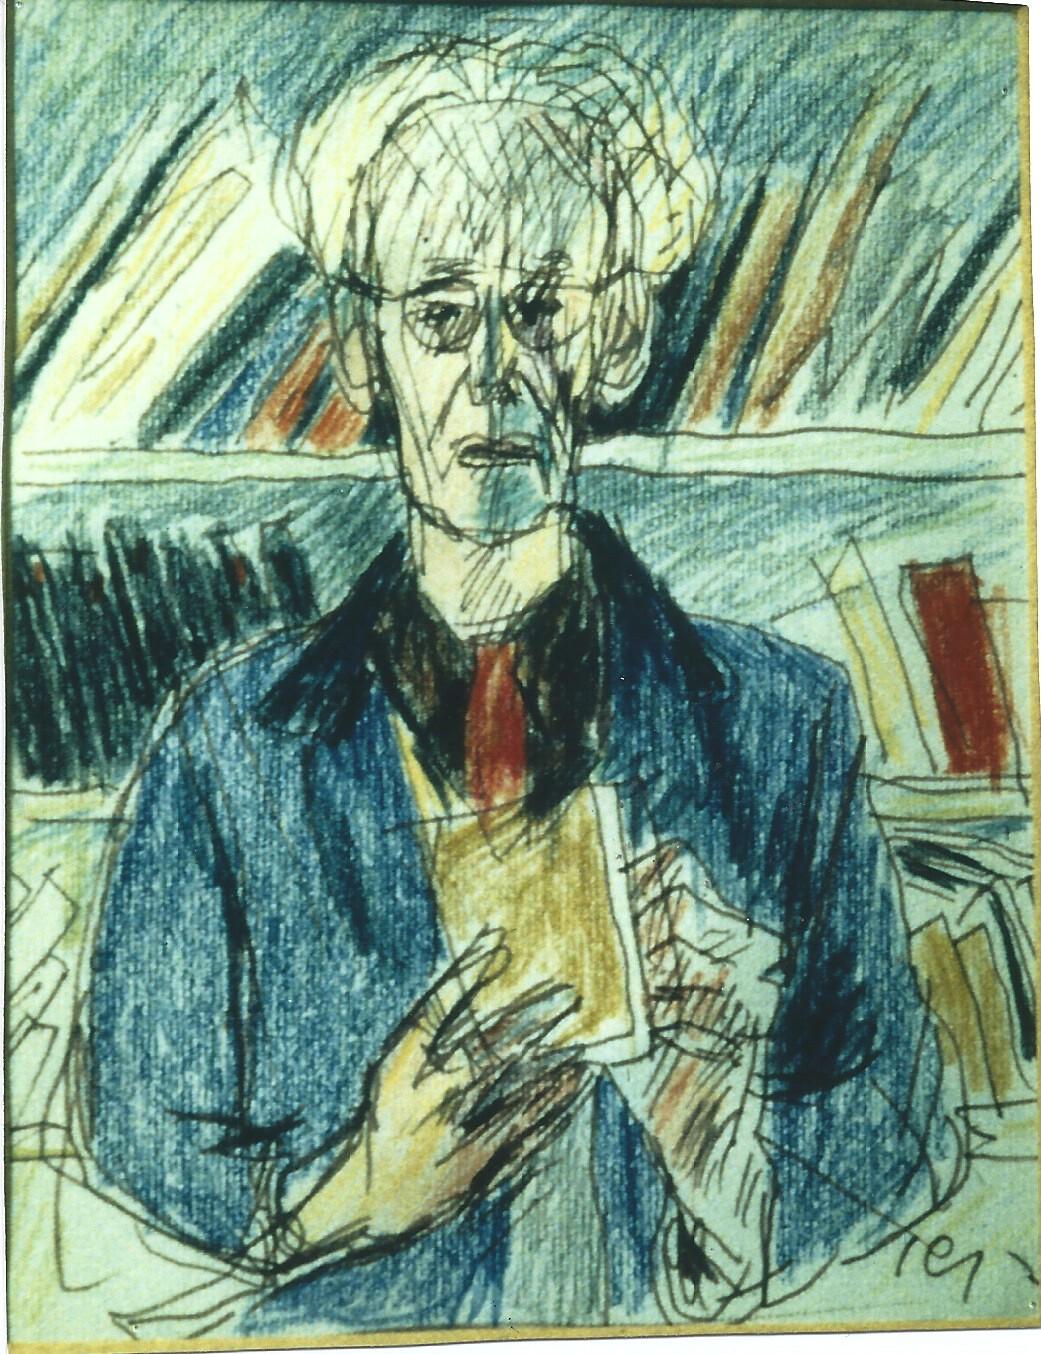 <i>Юзеф Чапский, Автопортрет, 1973 год</i>